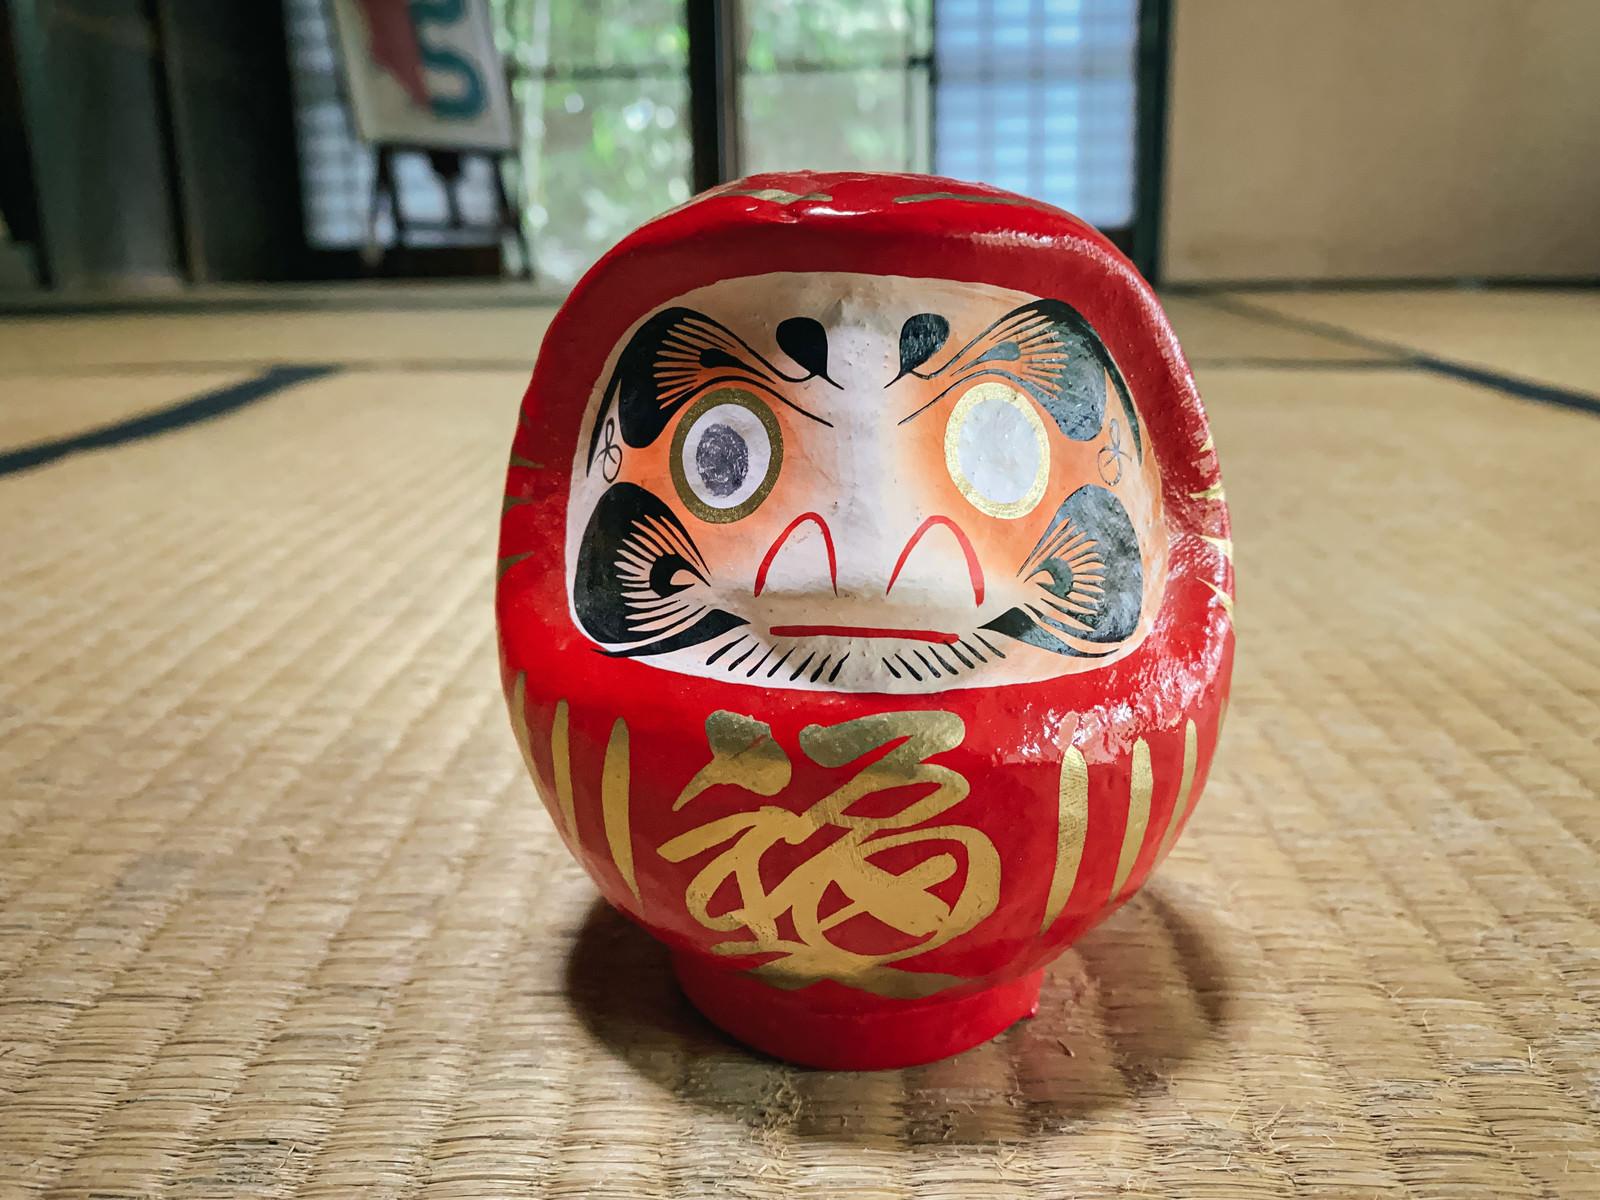 「片目のままの達磨さん」の写真